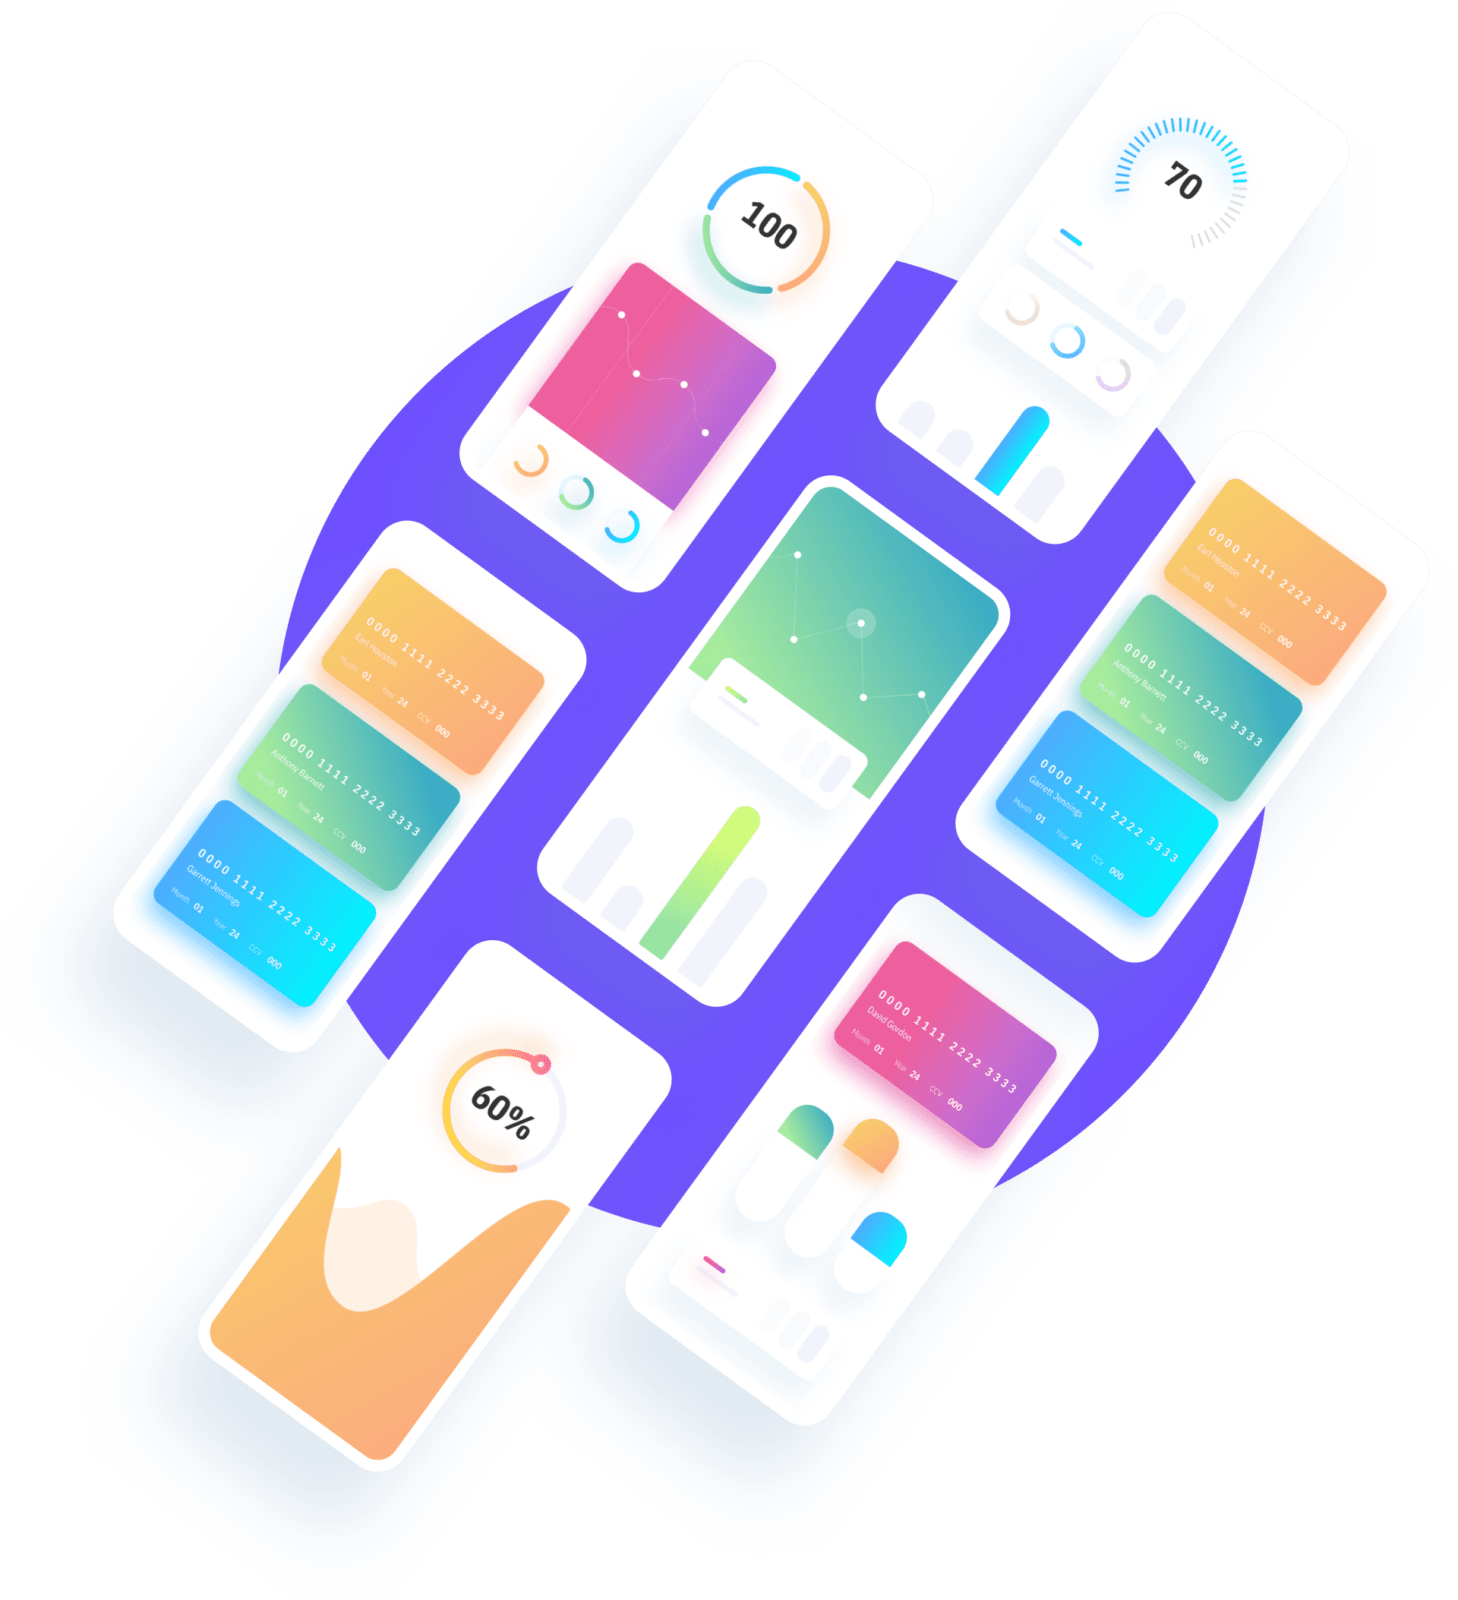 mobile app 90